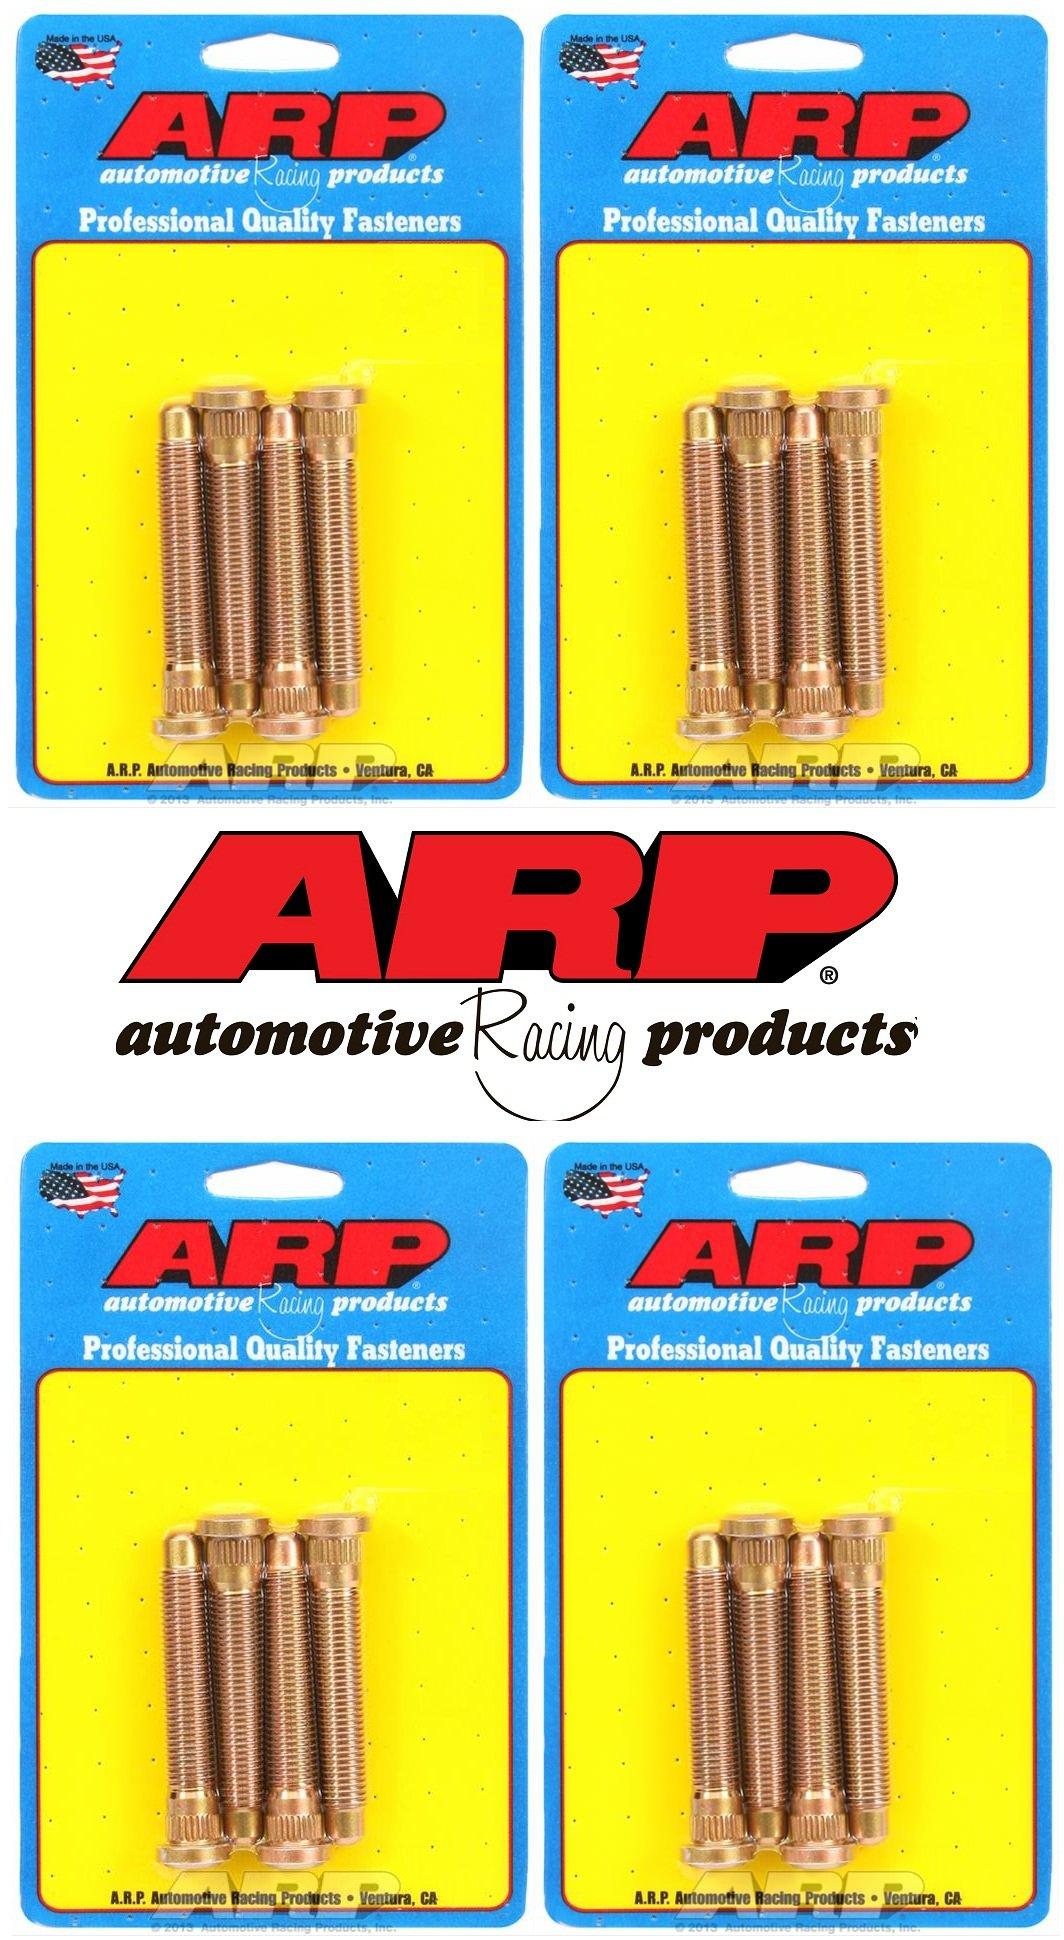 ARP Extended Length Wheel Stud Kit For Honda Civic Integra - M12x1.5 RH - (Set of 16) by ARP (Image #1)